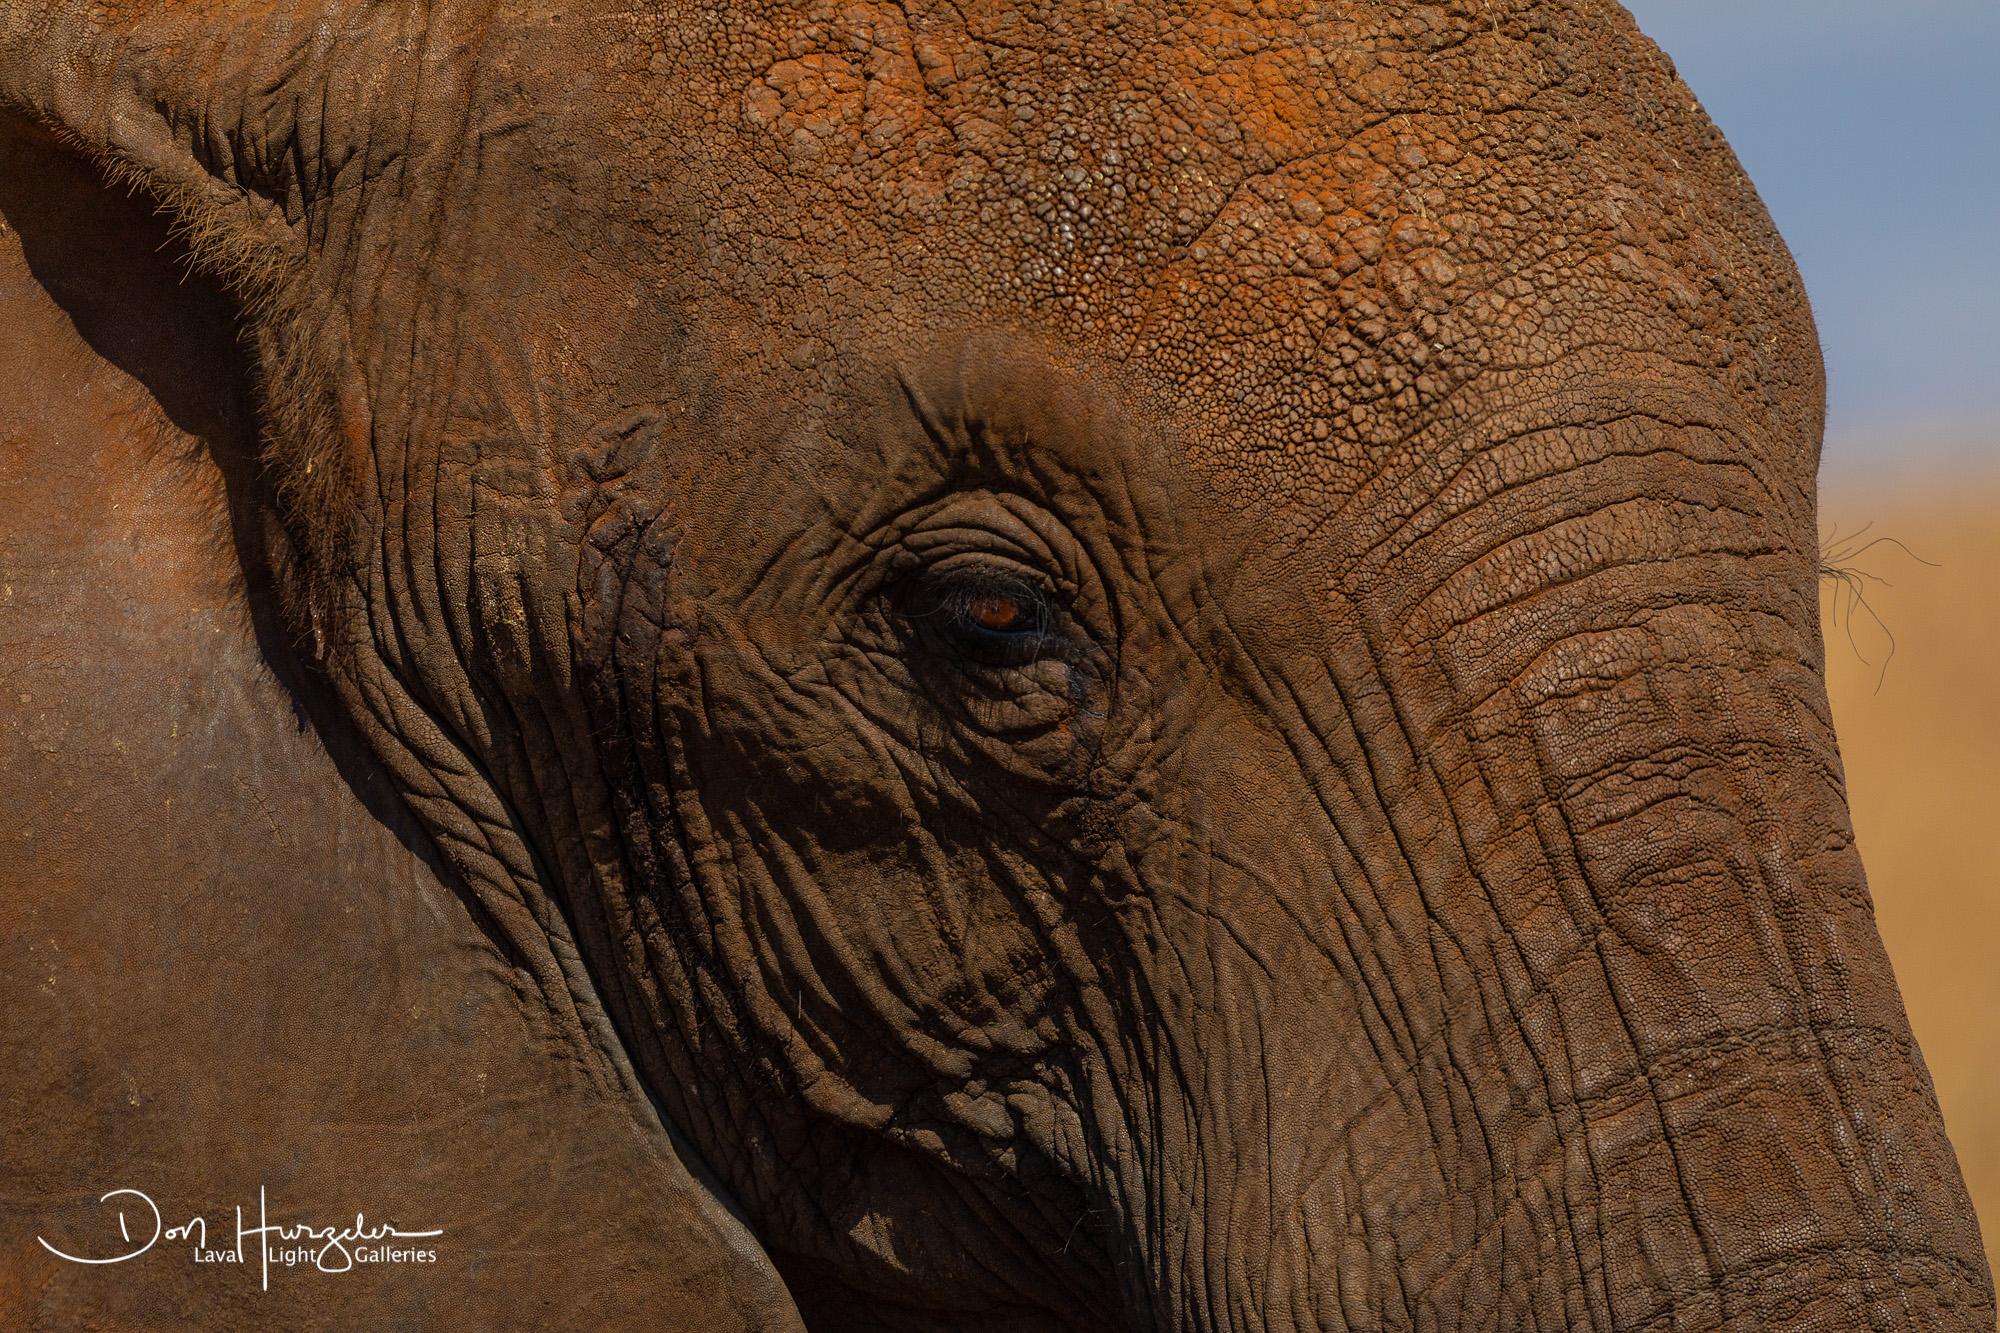 Africa, Serengeti, Tanzania, African Wildlife, photo